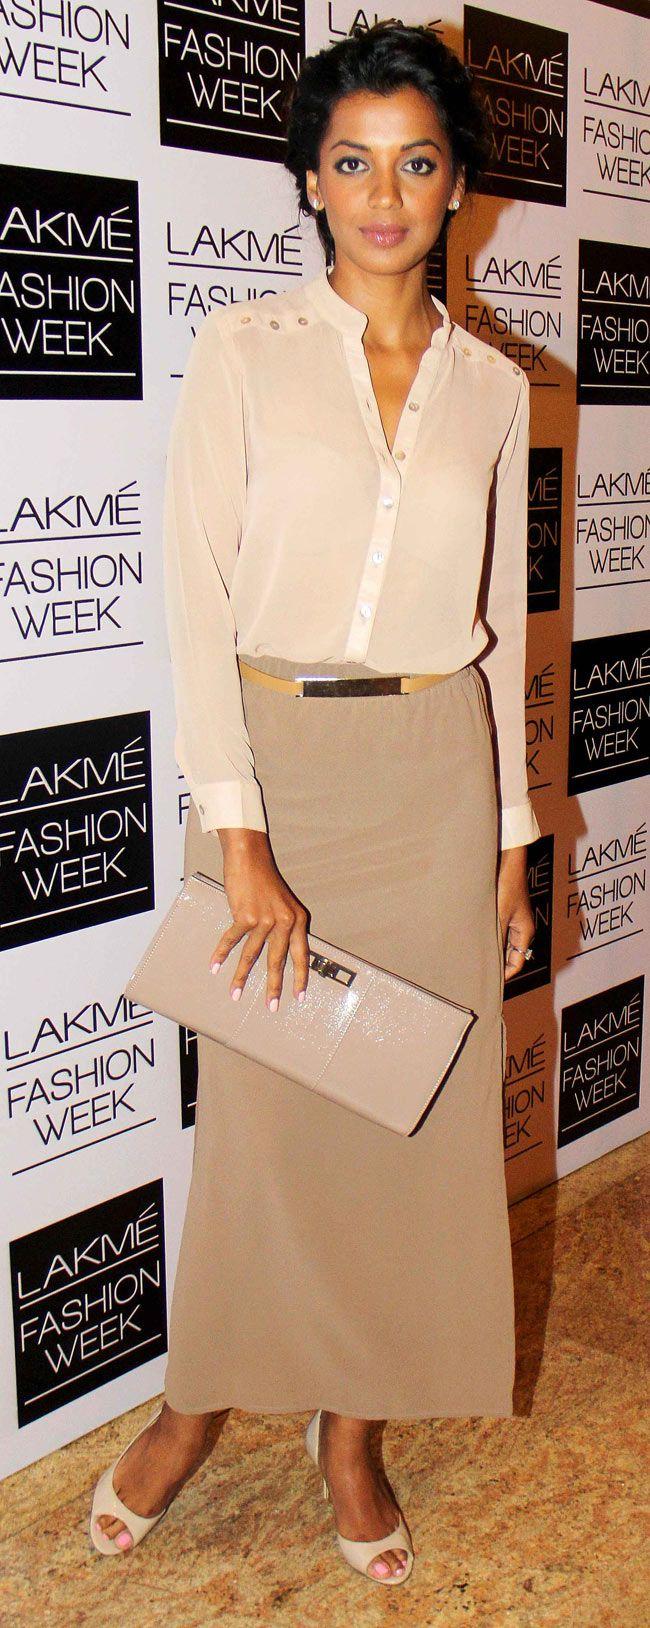 Mugdha Godse on Day 3 of the Lakme Fashion Week 2014 #Style #Bollywood #Fashion #Beauty #LFW2014